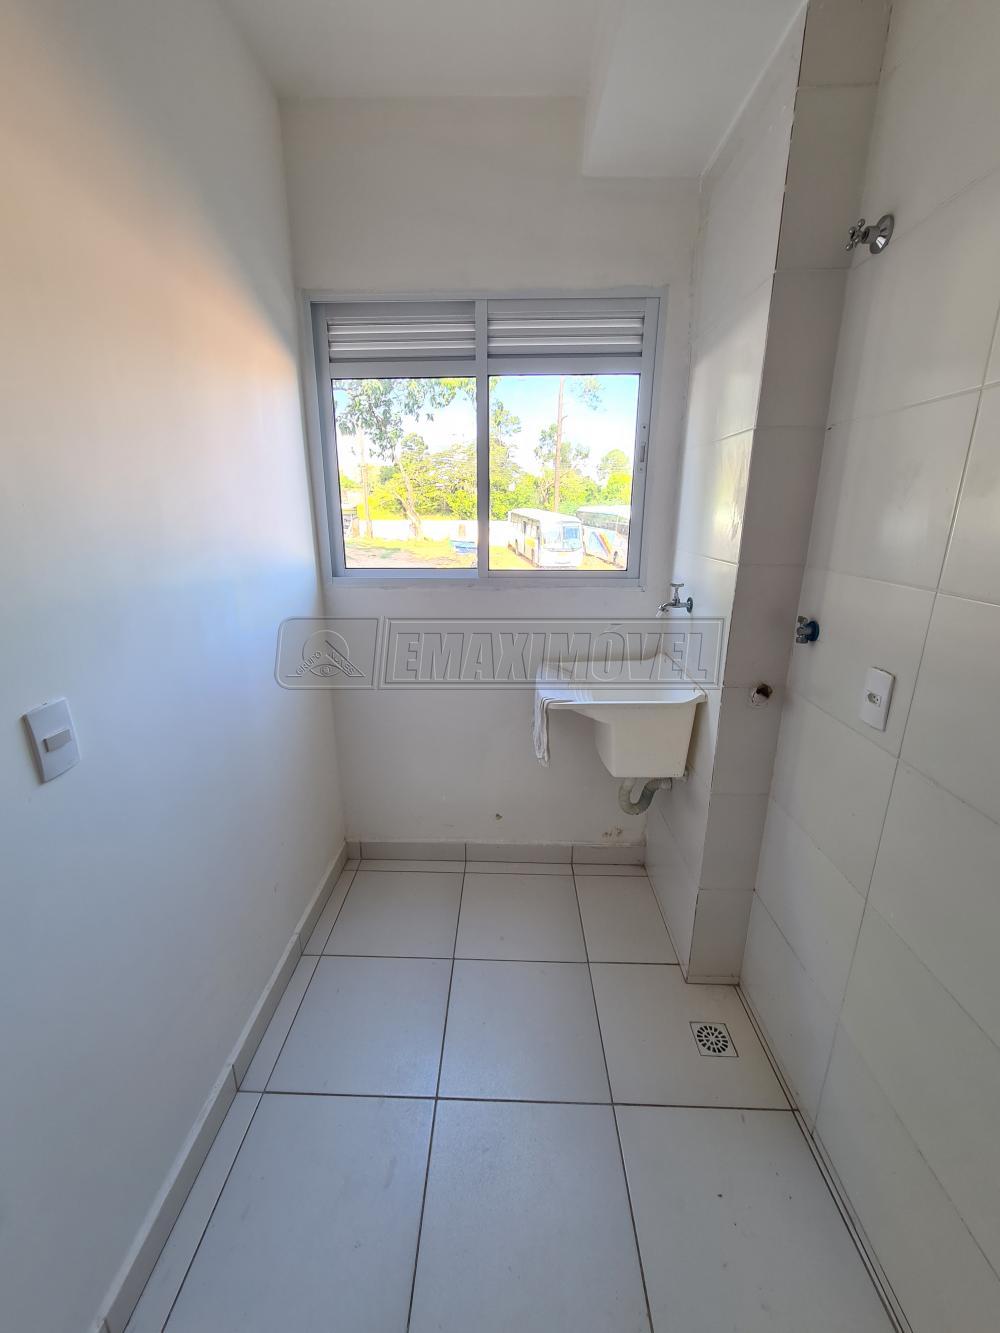 Alugar Apartamentos / Apto Padrão em Sorocaba R$ 550,00 - Foto 4